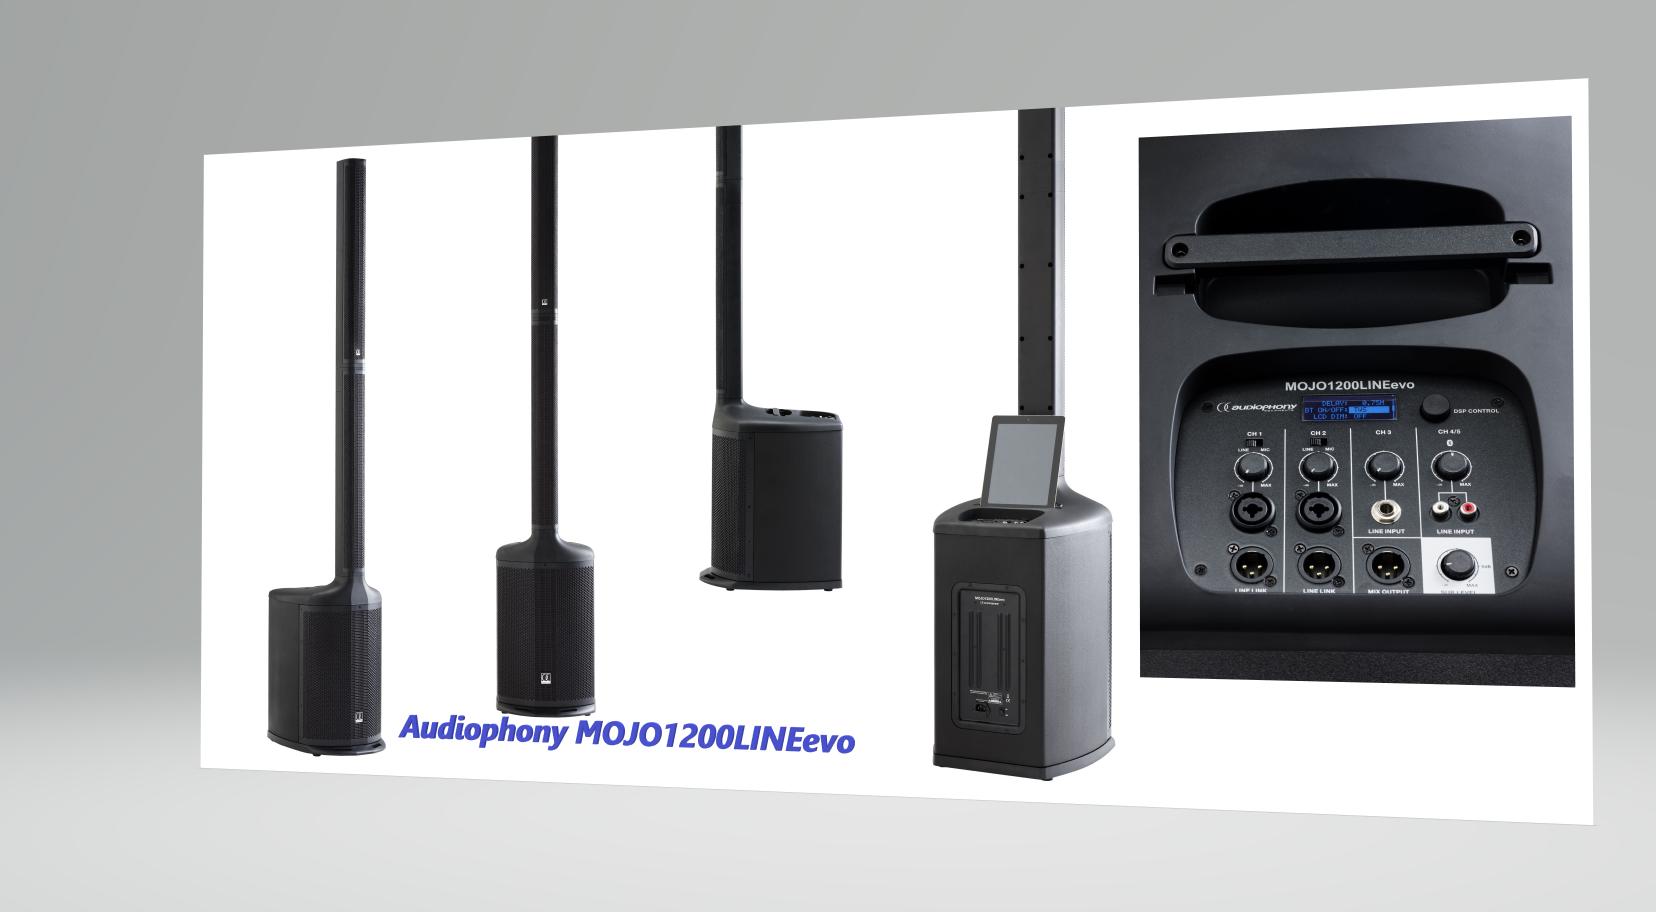 Εικόνα για την κατηγορία Νέο ανανεωμένο ενεργό Line Array από την Audiophony- MOJO1200LINEevo.